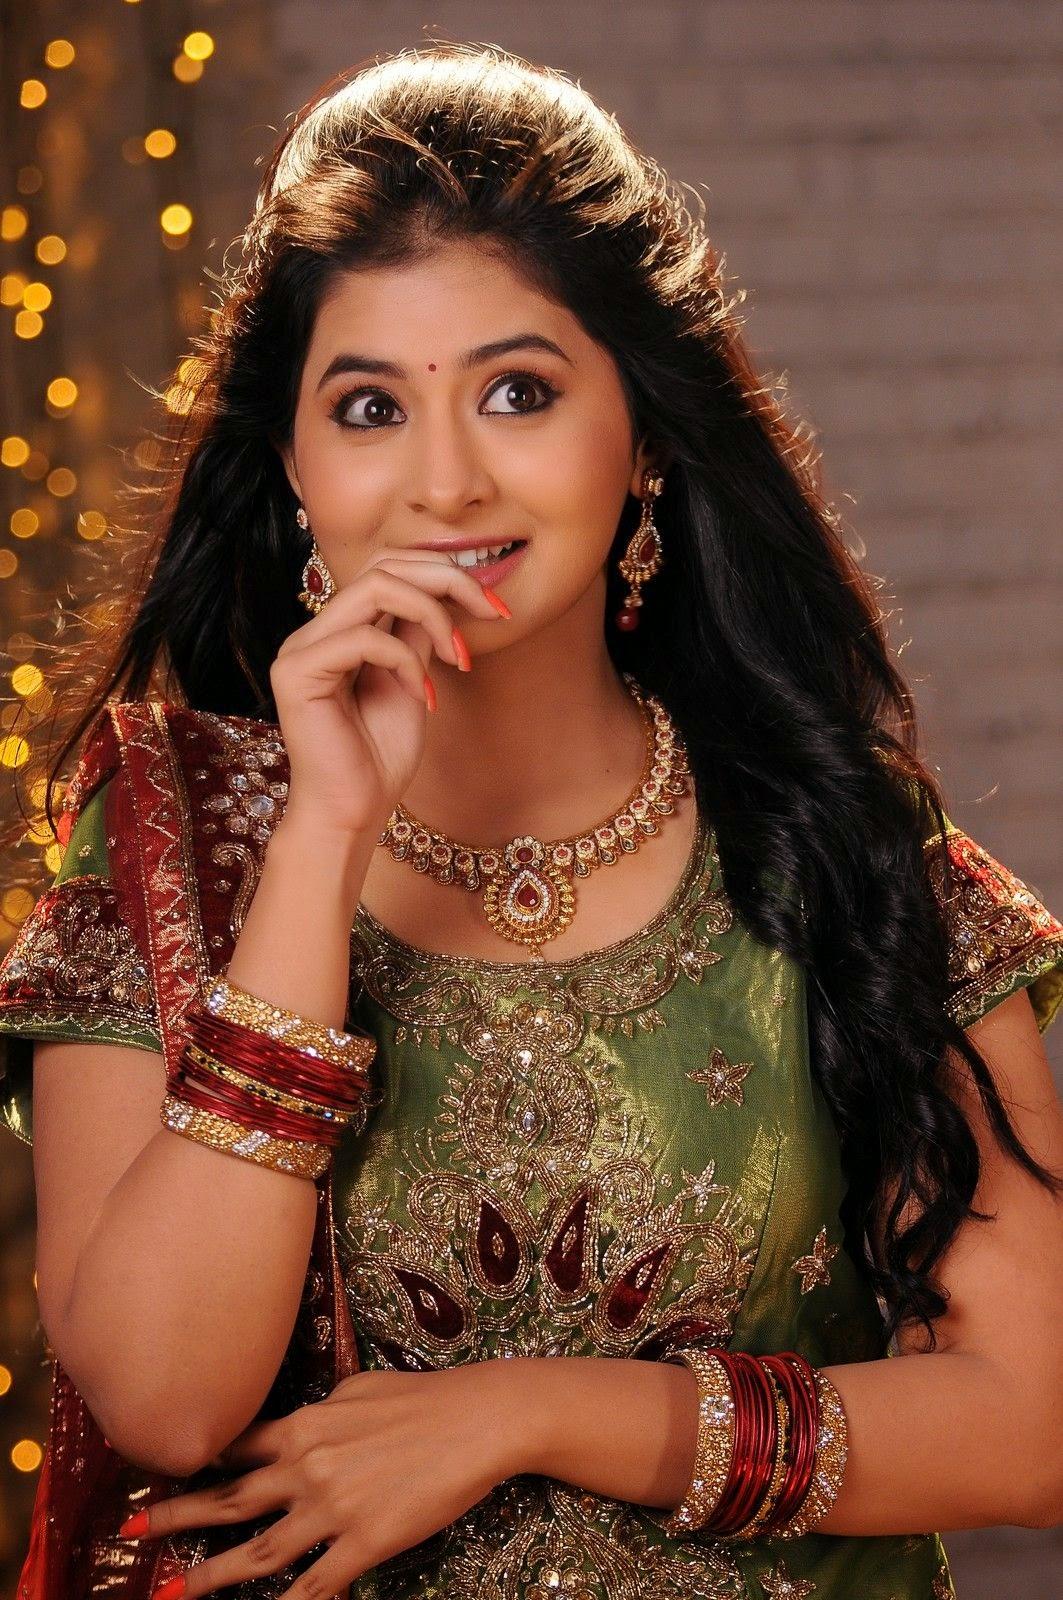 Reshmi Menon Glamorous Photos - HD Latest Tamil Actress, Telugu ...